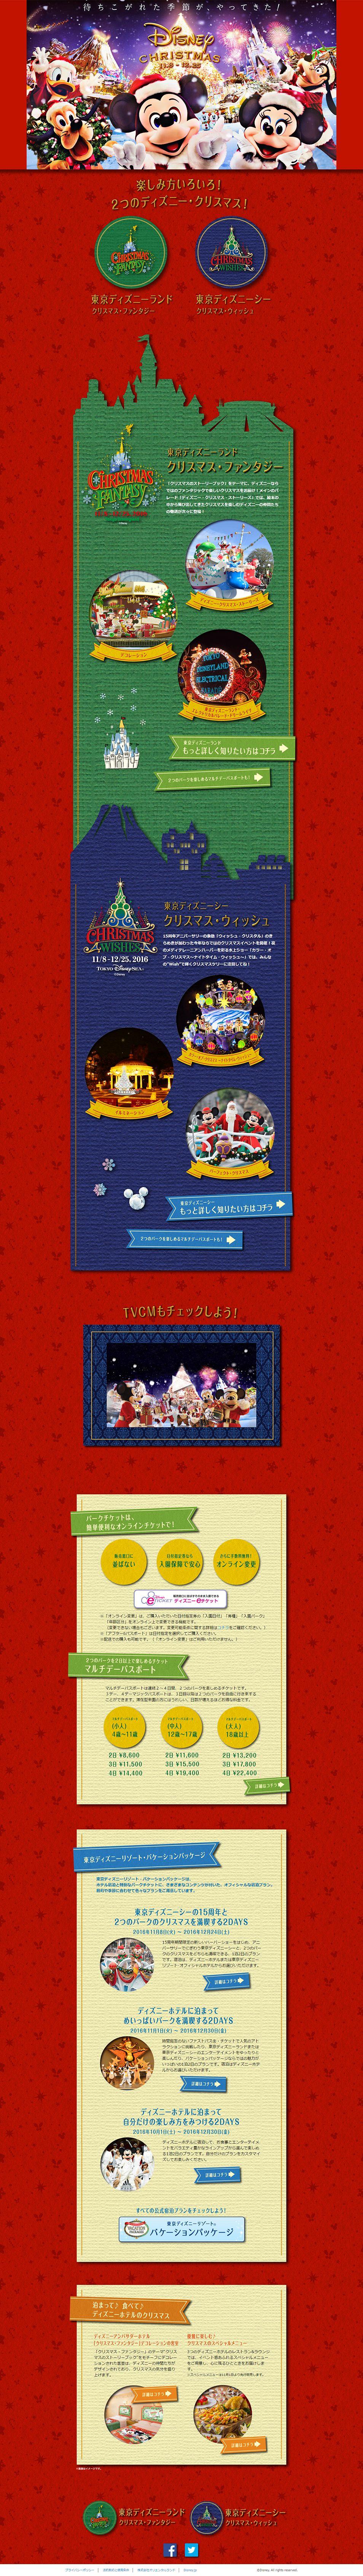 ディズニークリスマス2017【アウトドア関連】のLPデザイン。WEBデザイナーさん必見!ランディングページのデザイン参考に(かわいい系)